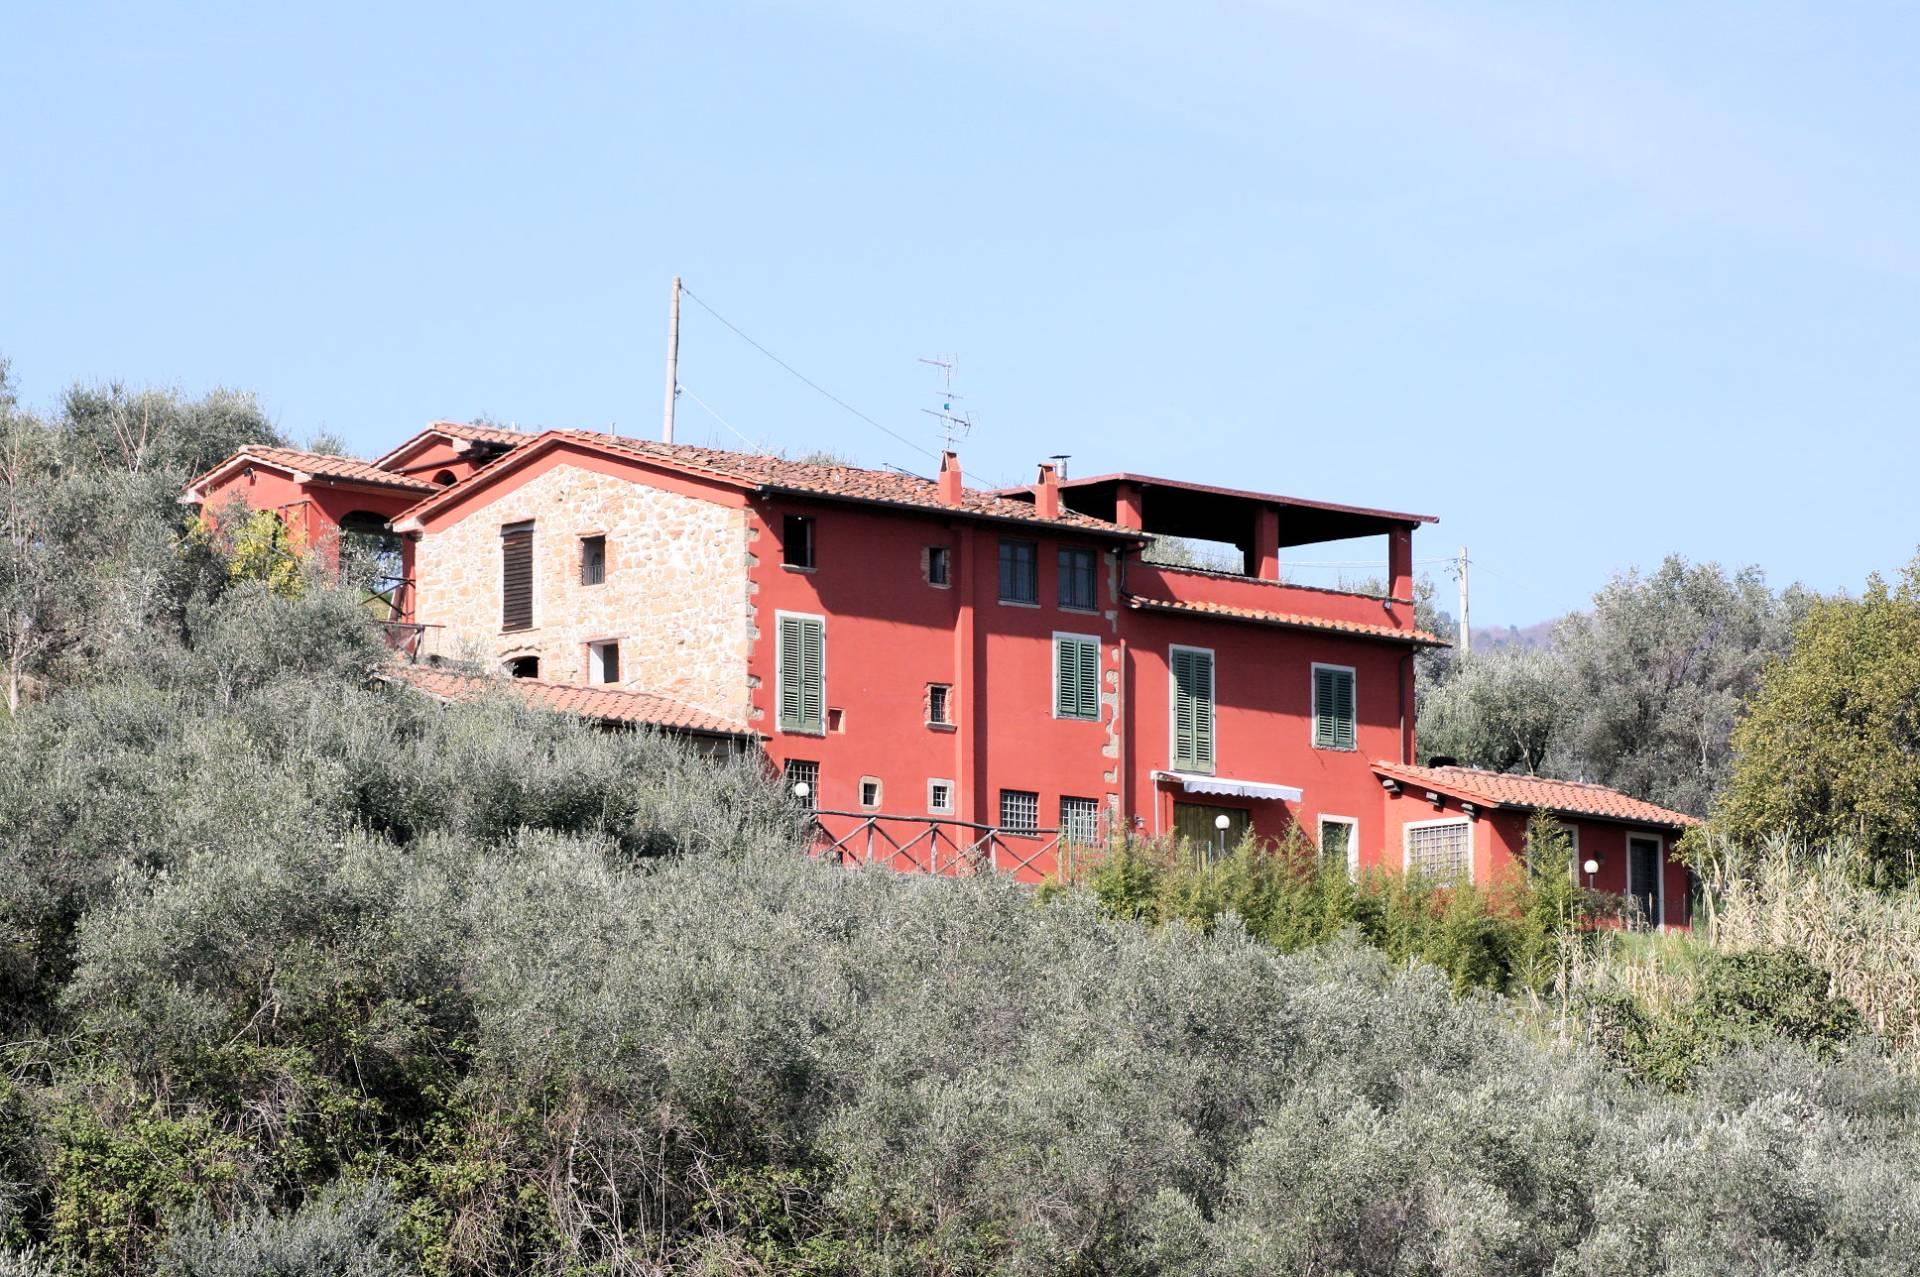 Rustico / Casale in vendita a Buggiano, 10 locali, prezzo € 520.000 | CambioCasa.it